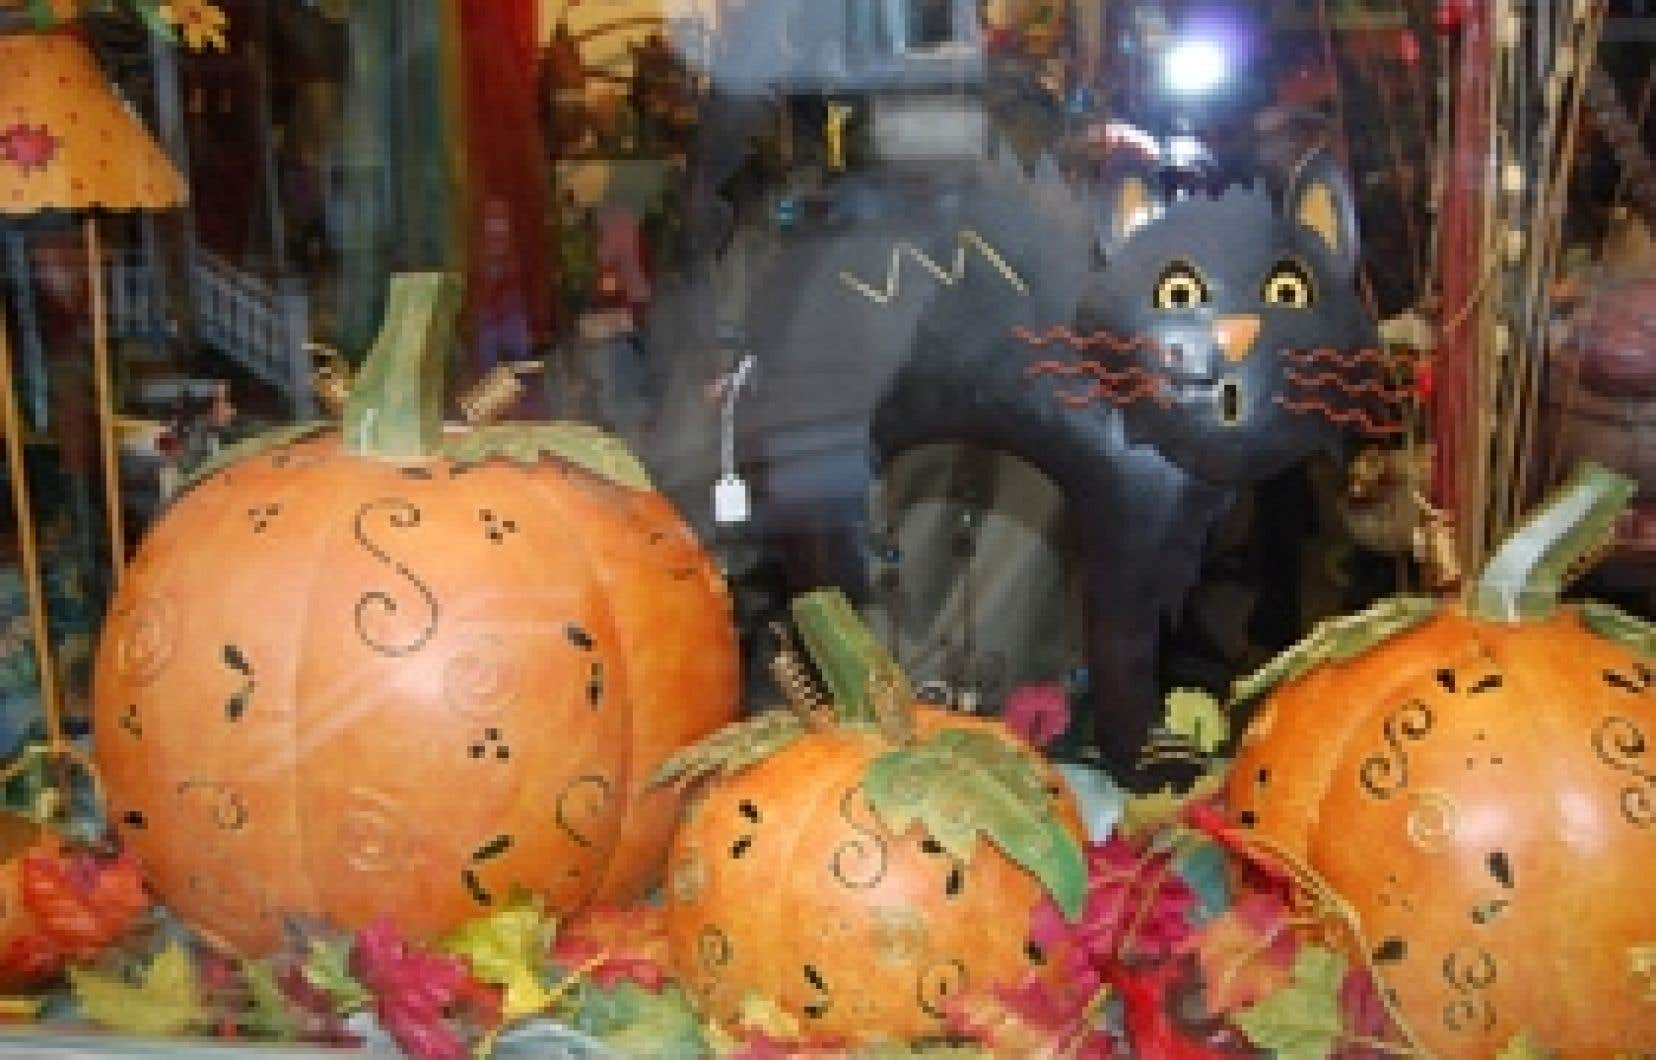 Voici des cucurbitacées de drôles de formes et de couleurs, qui se mélangent parfois pour former un déguisement d'Halloween.